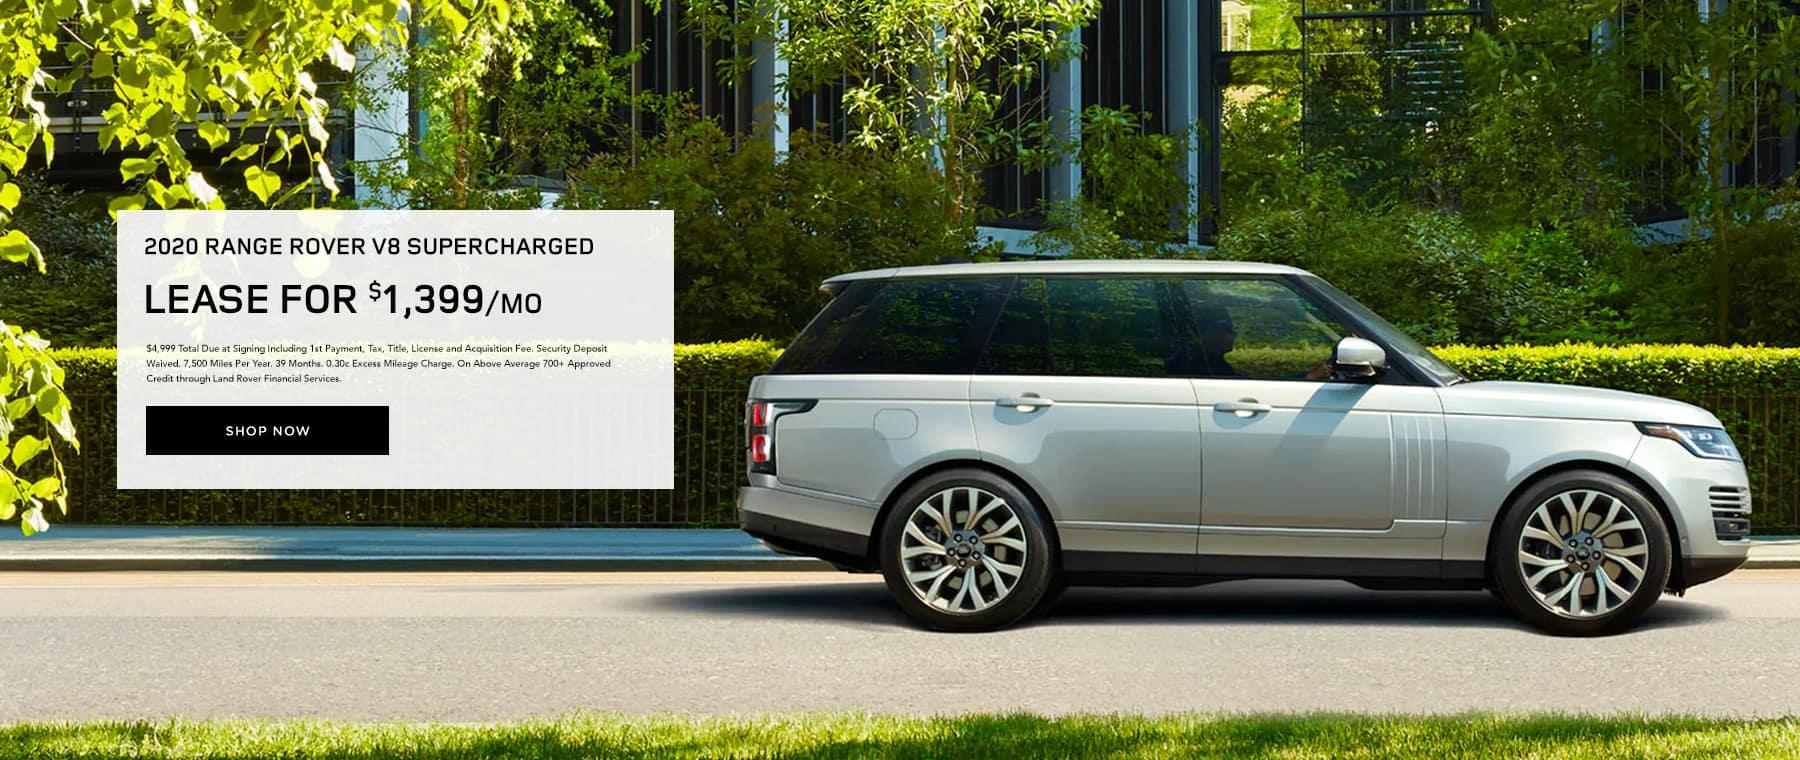 Range Rover V8 Lease